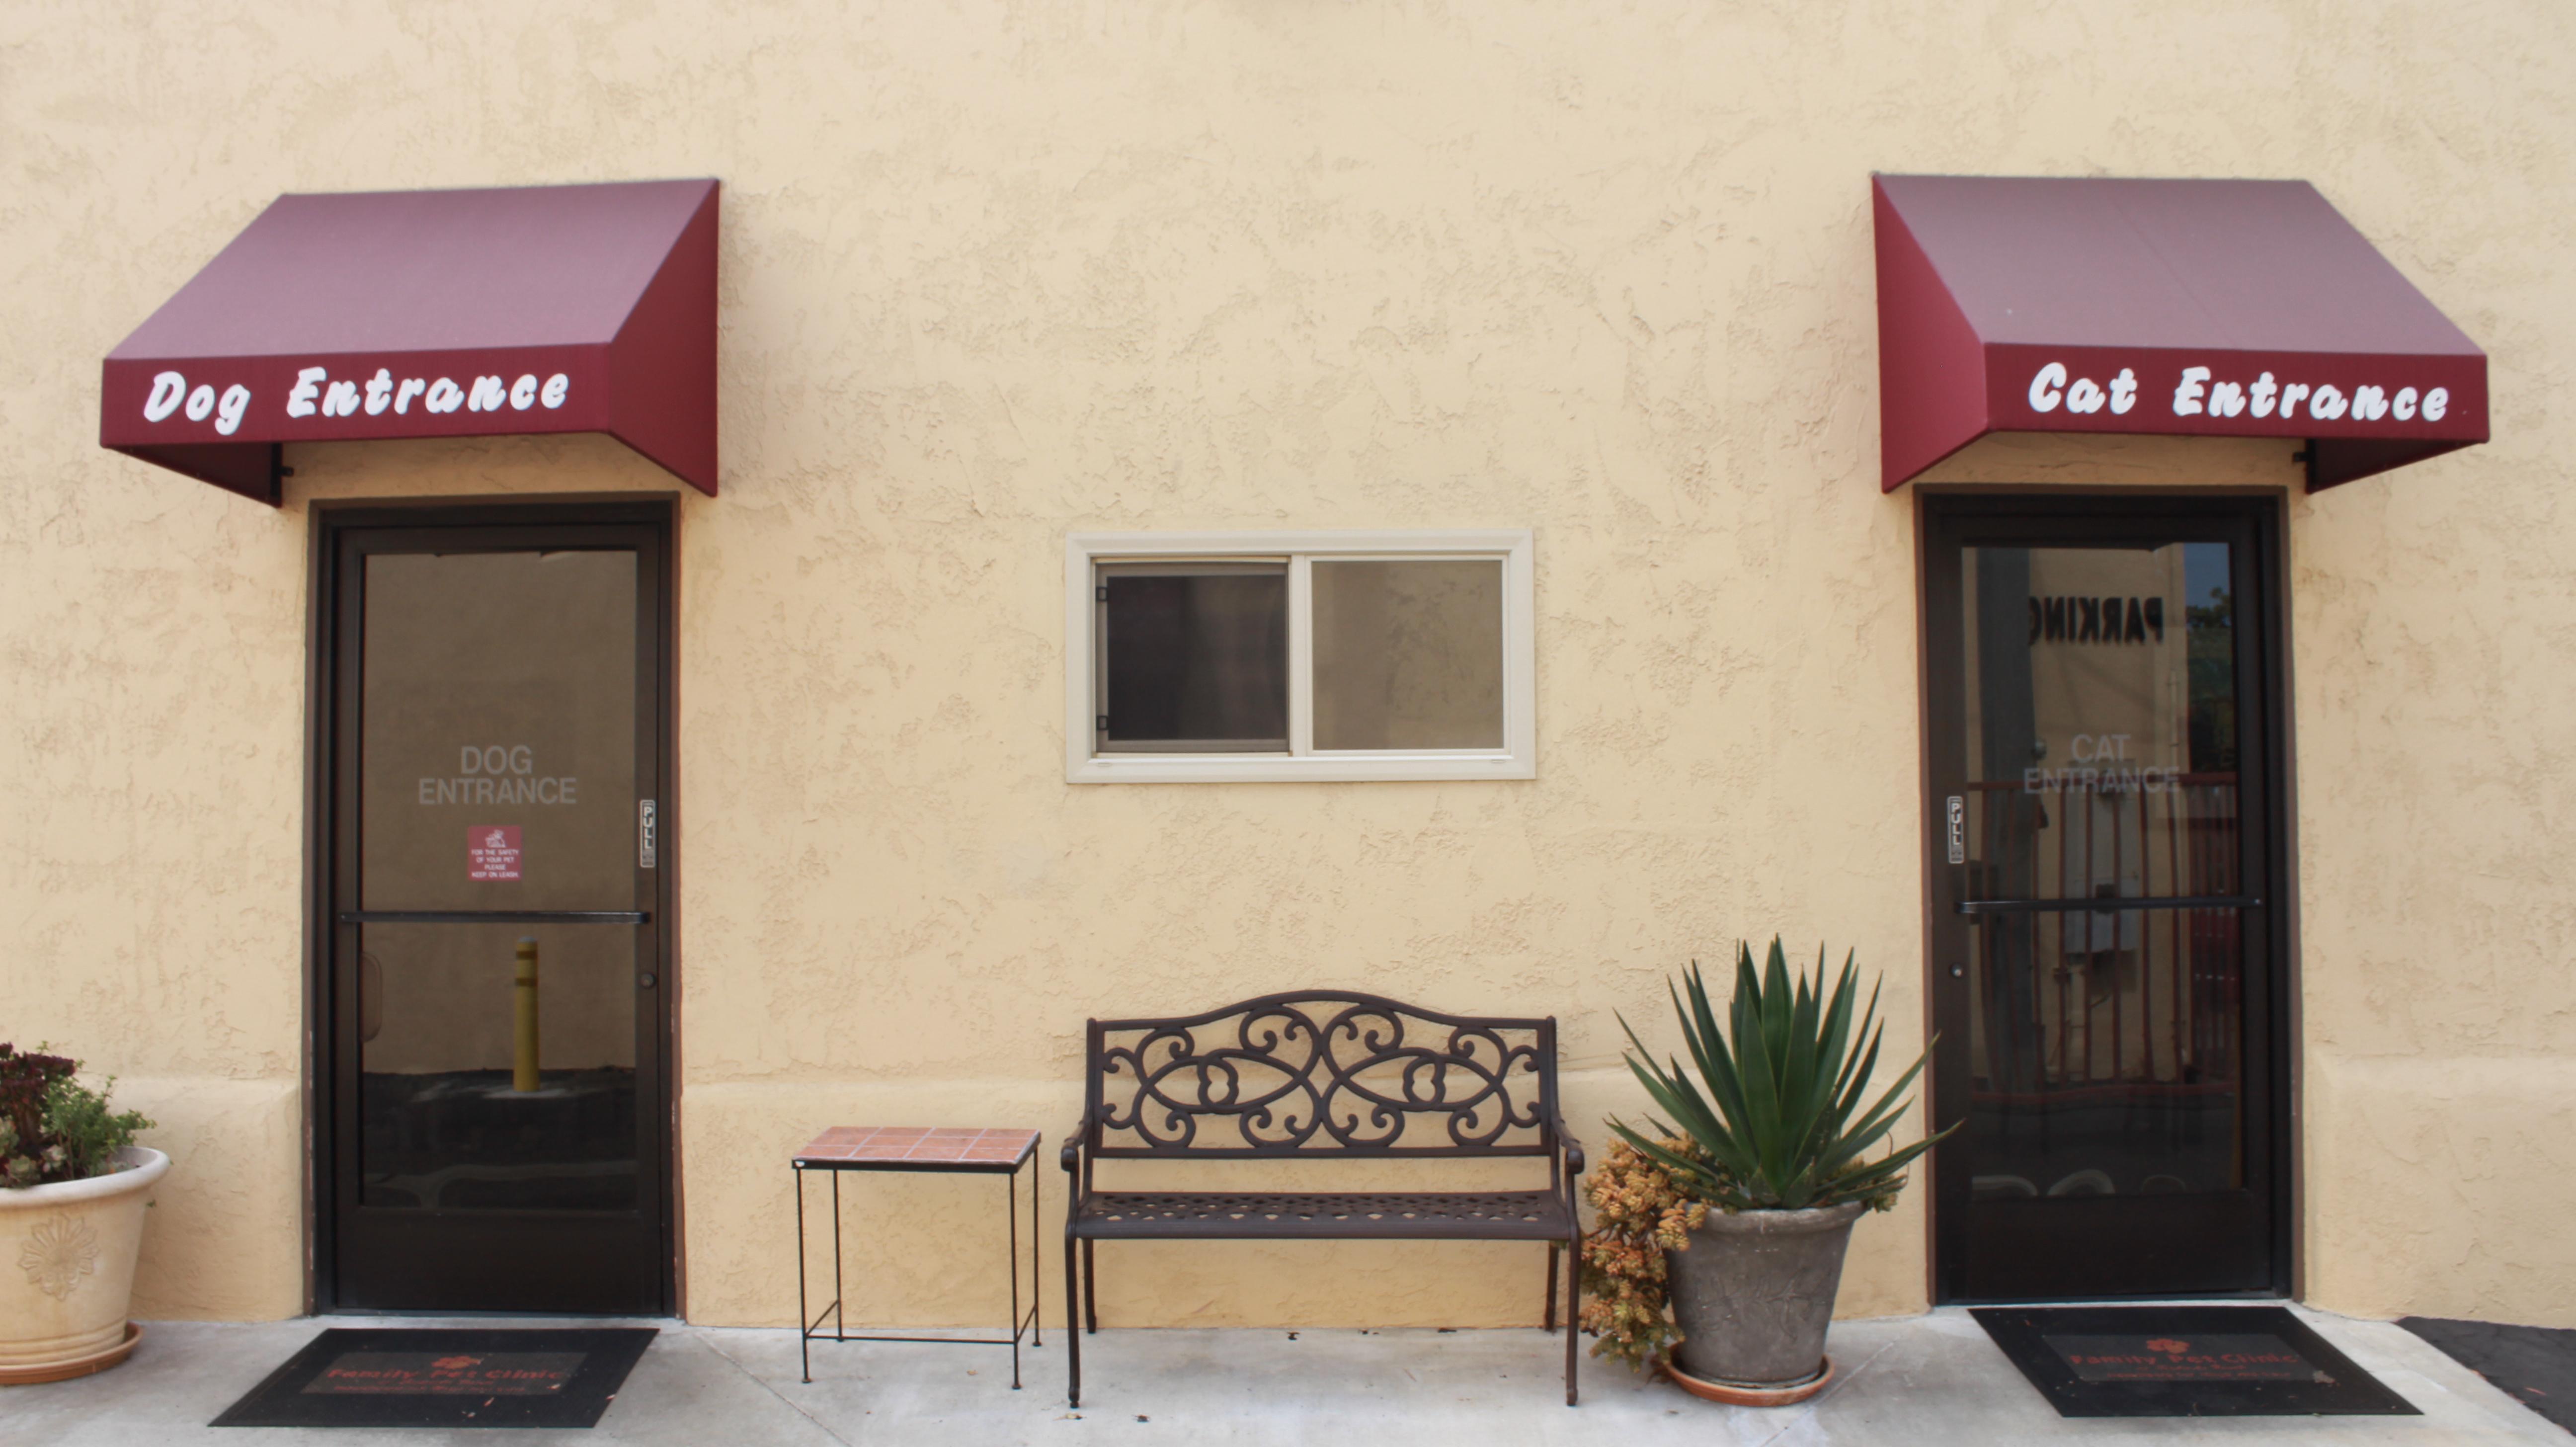 Long Beach Animal Clinic Artesia